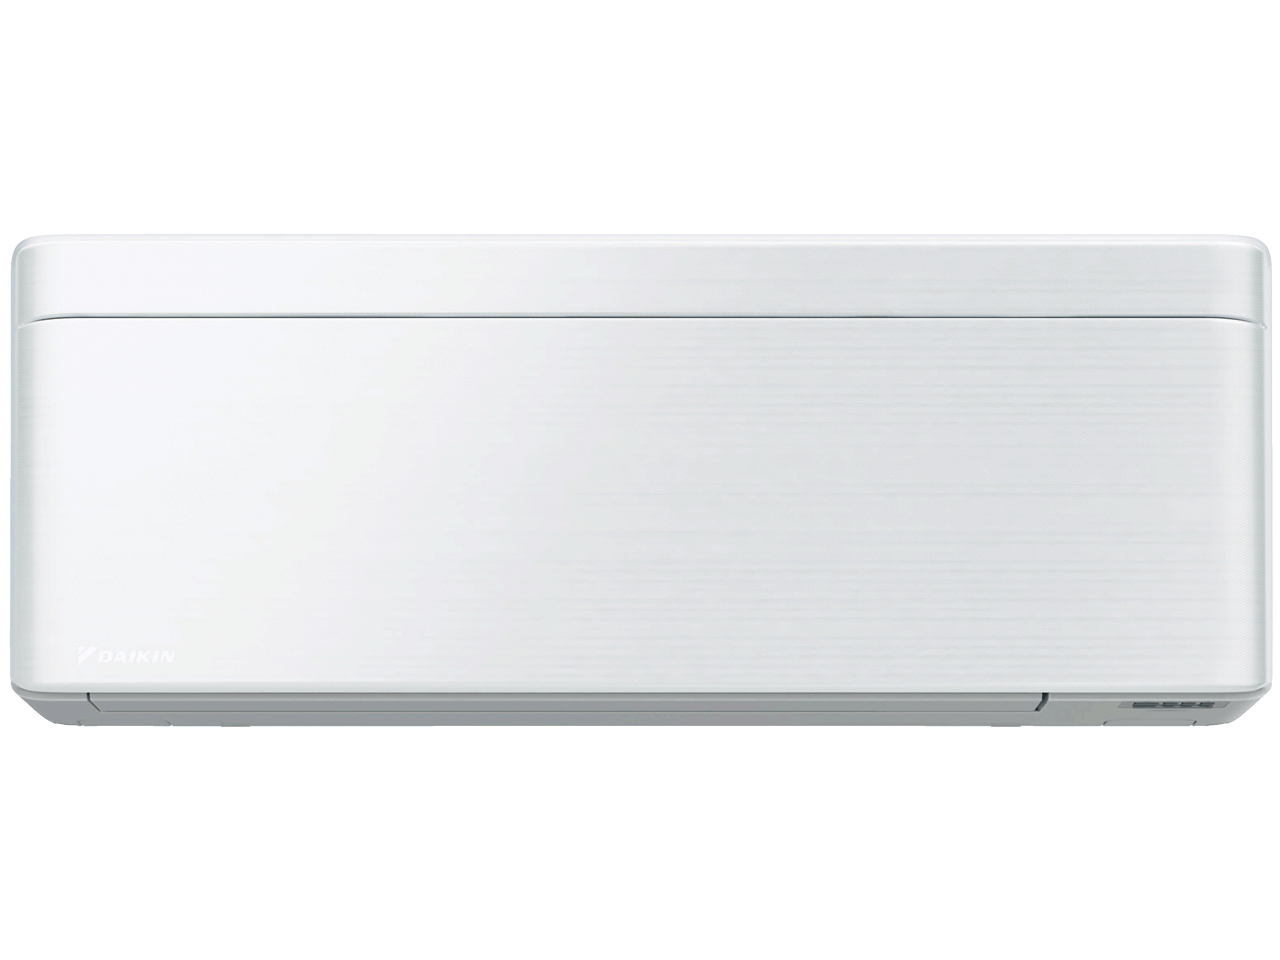 ダイキン S56WTSXP-F 19年モデル SXシリーズ 【200V用】19畳用冷暖房除湿エアコン